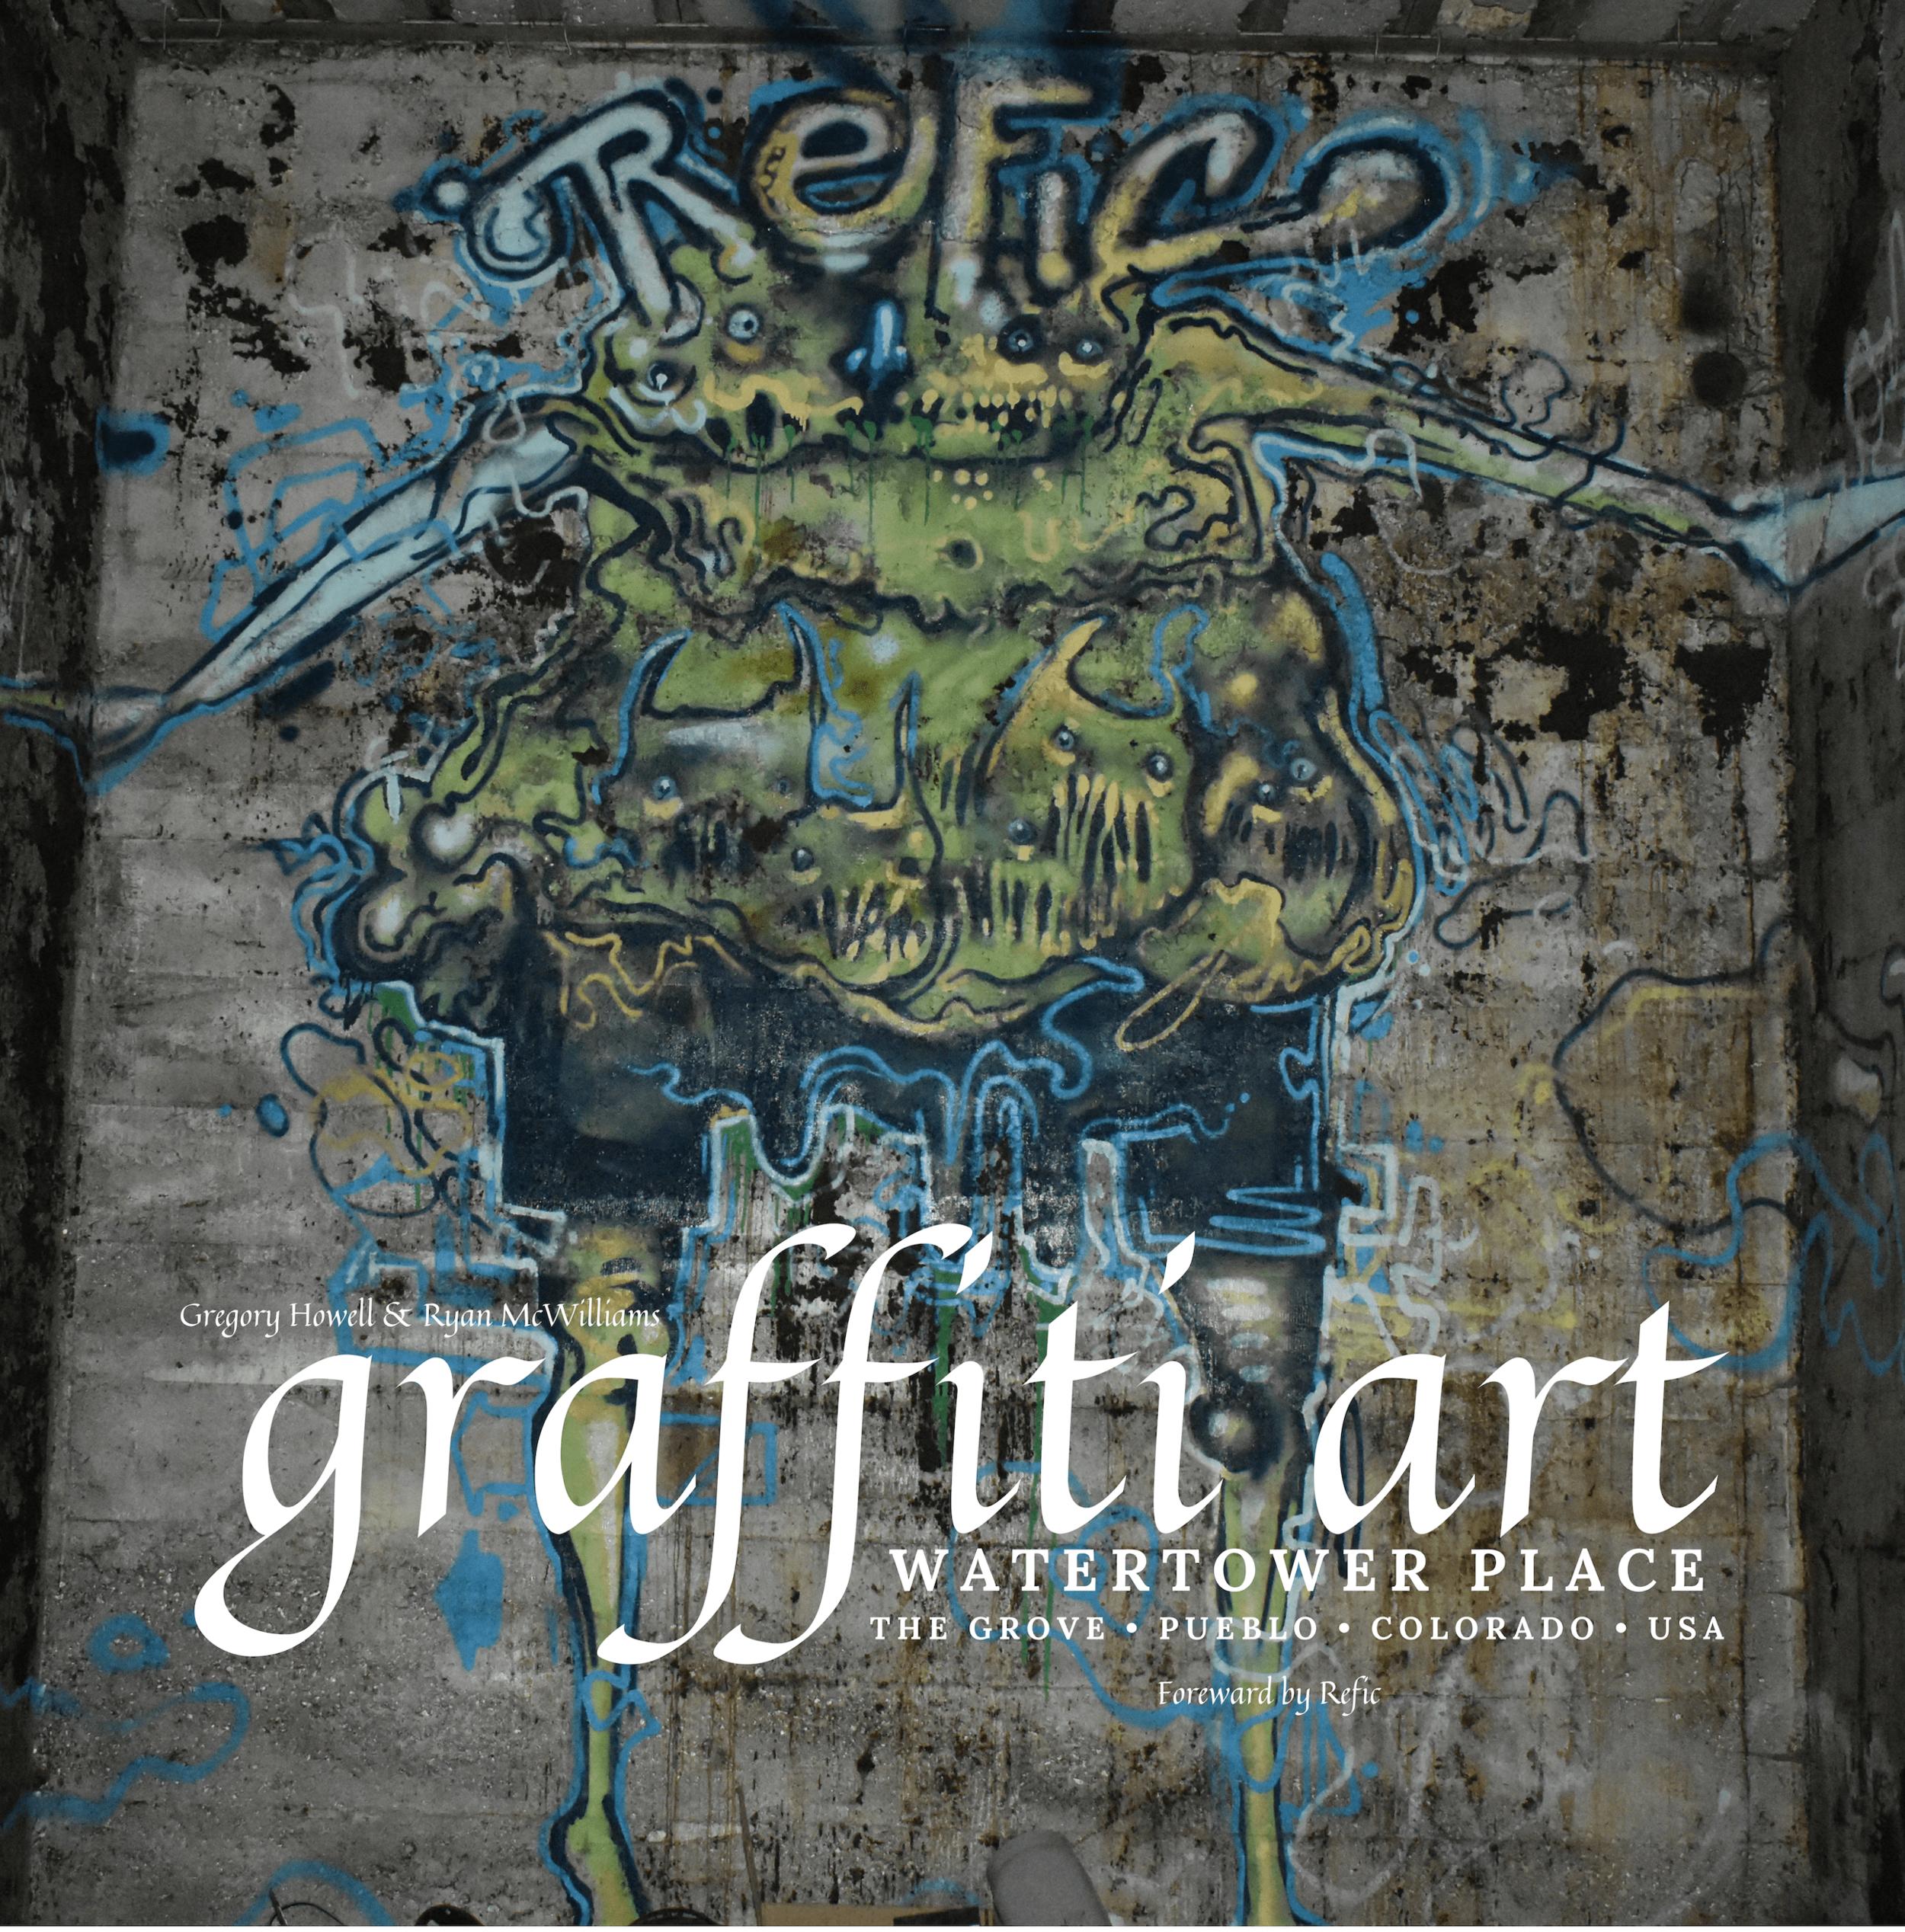 graffiti art cover refic monster-min.png